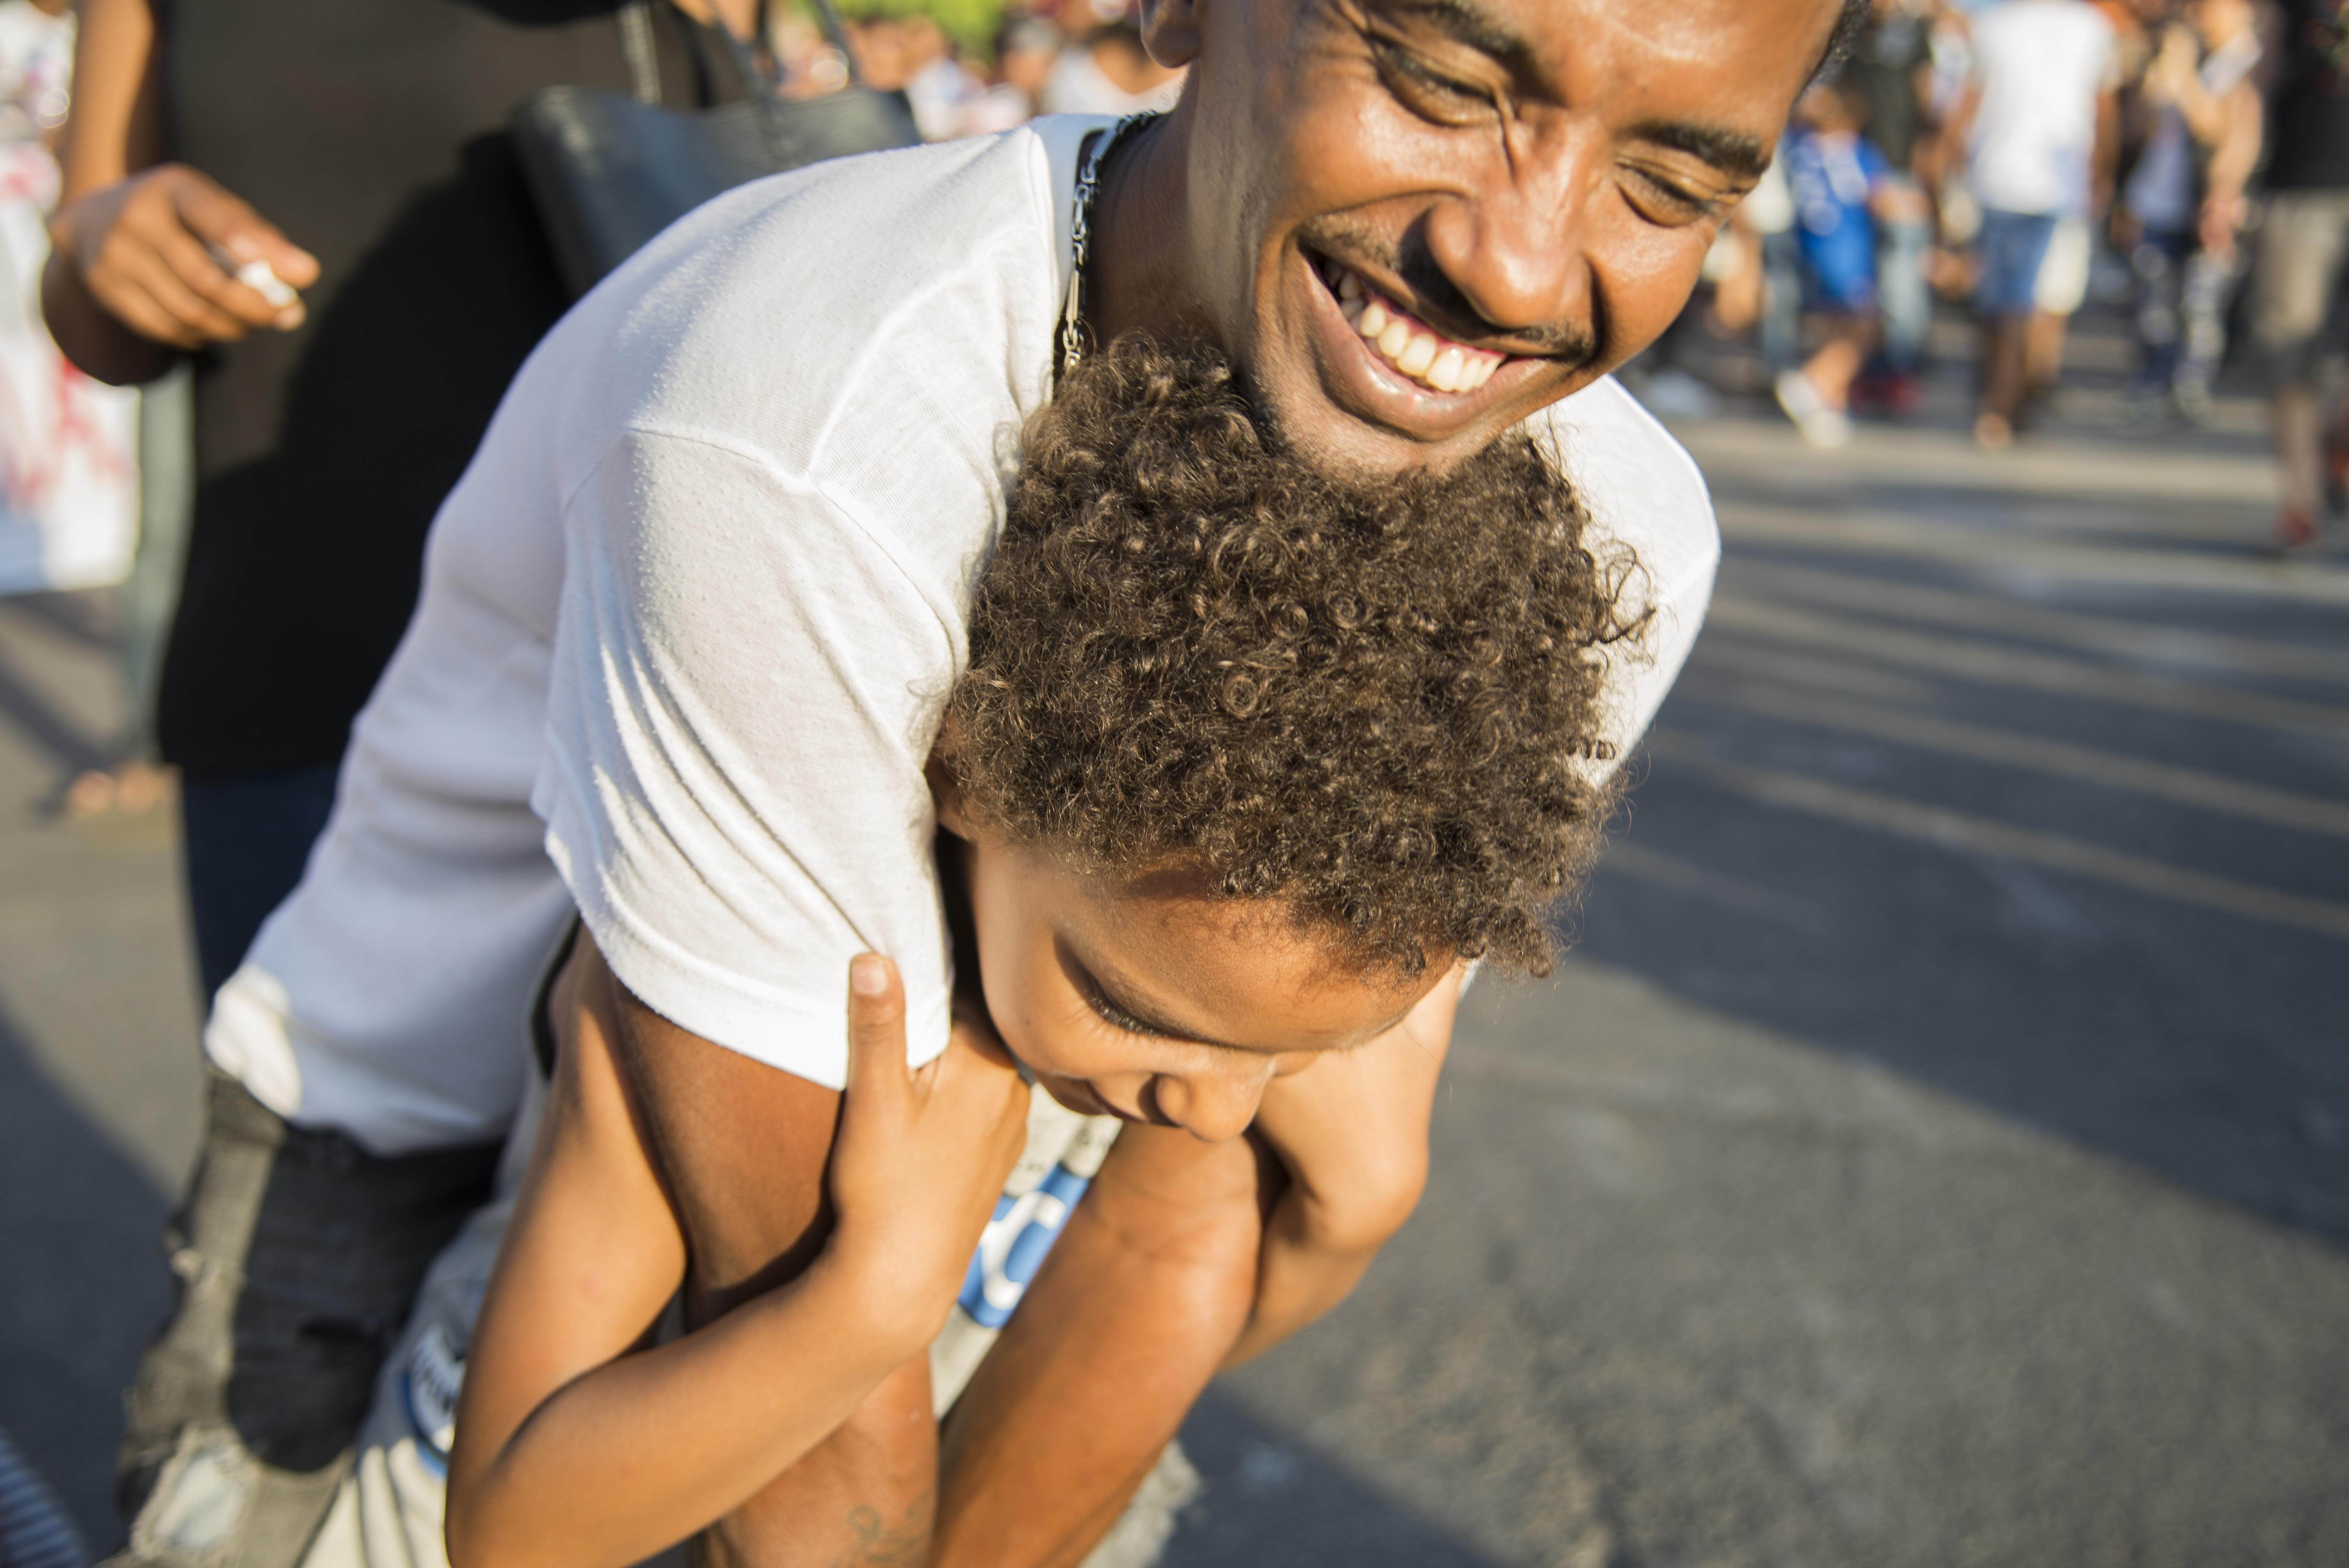 Padre e figlio di una delle famiglie sgomberate dal palazzo di via Curtatone partecipano al corteo per il diritto alla casa e contro gli sgomberi (foto: Federica Mameli)